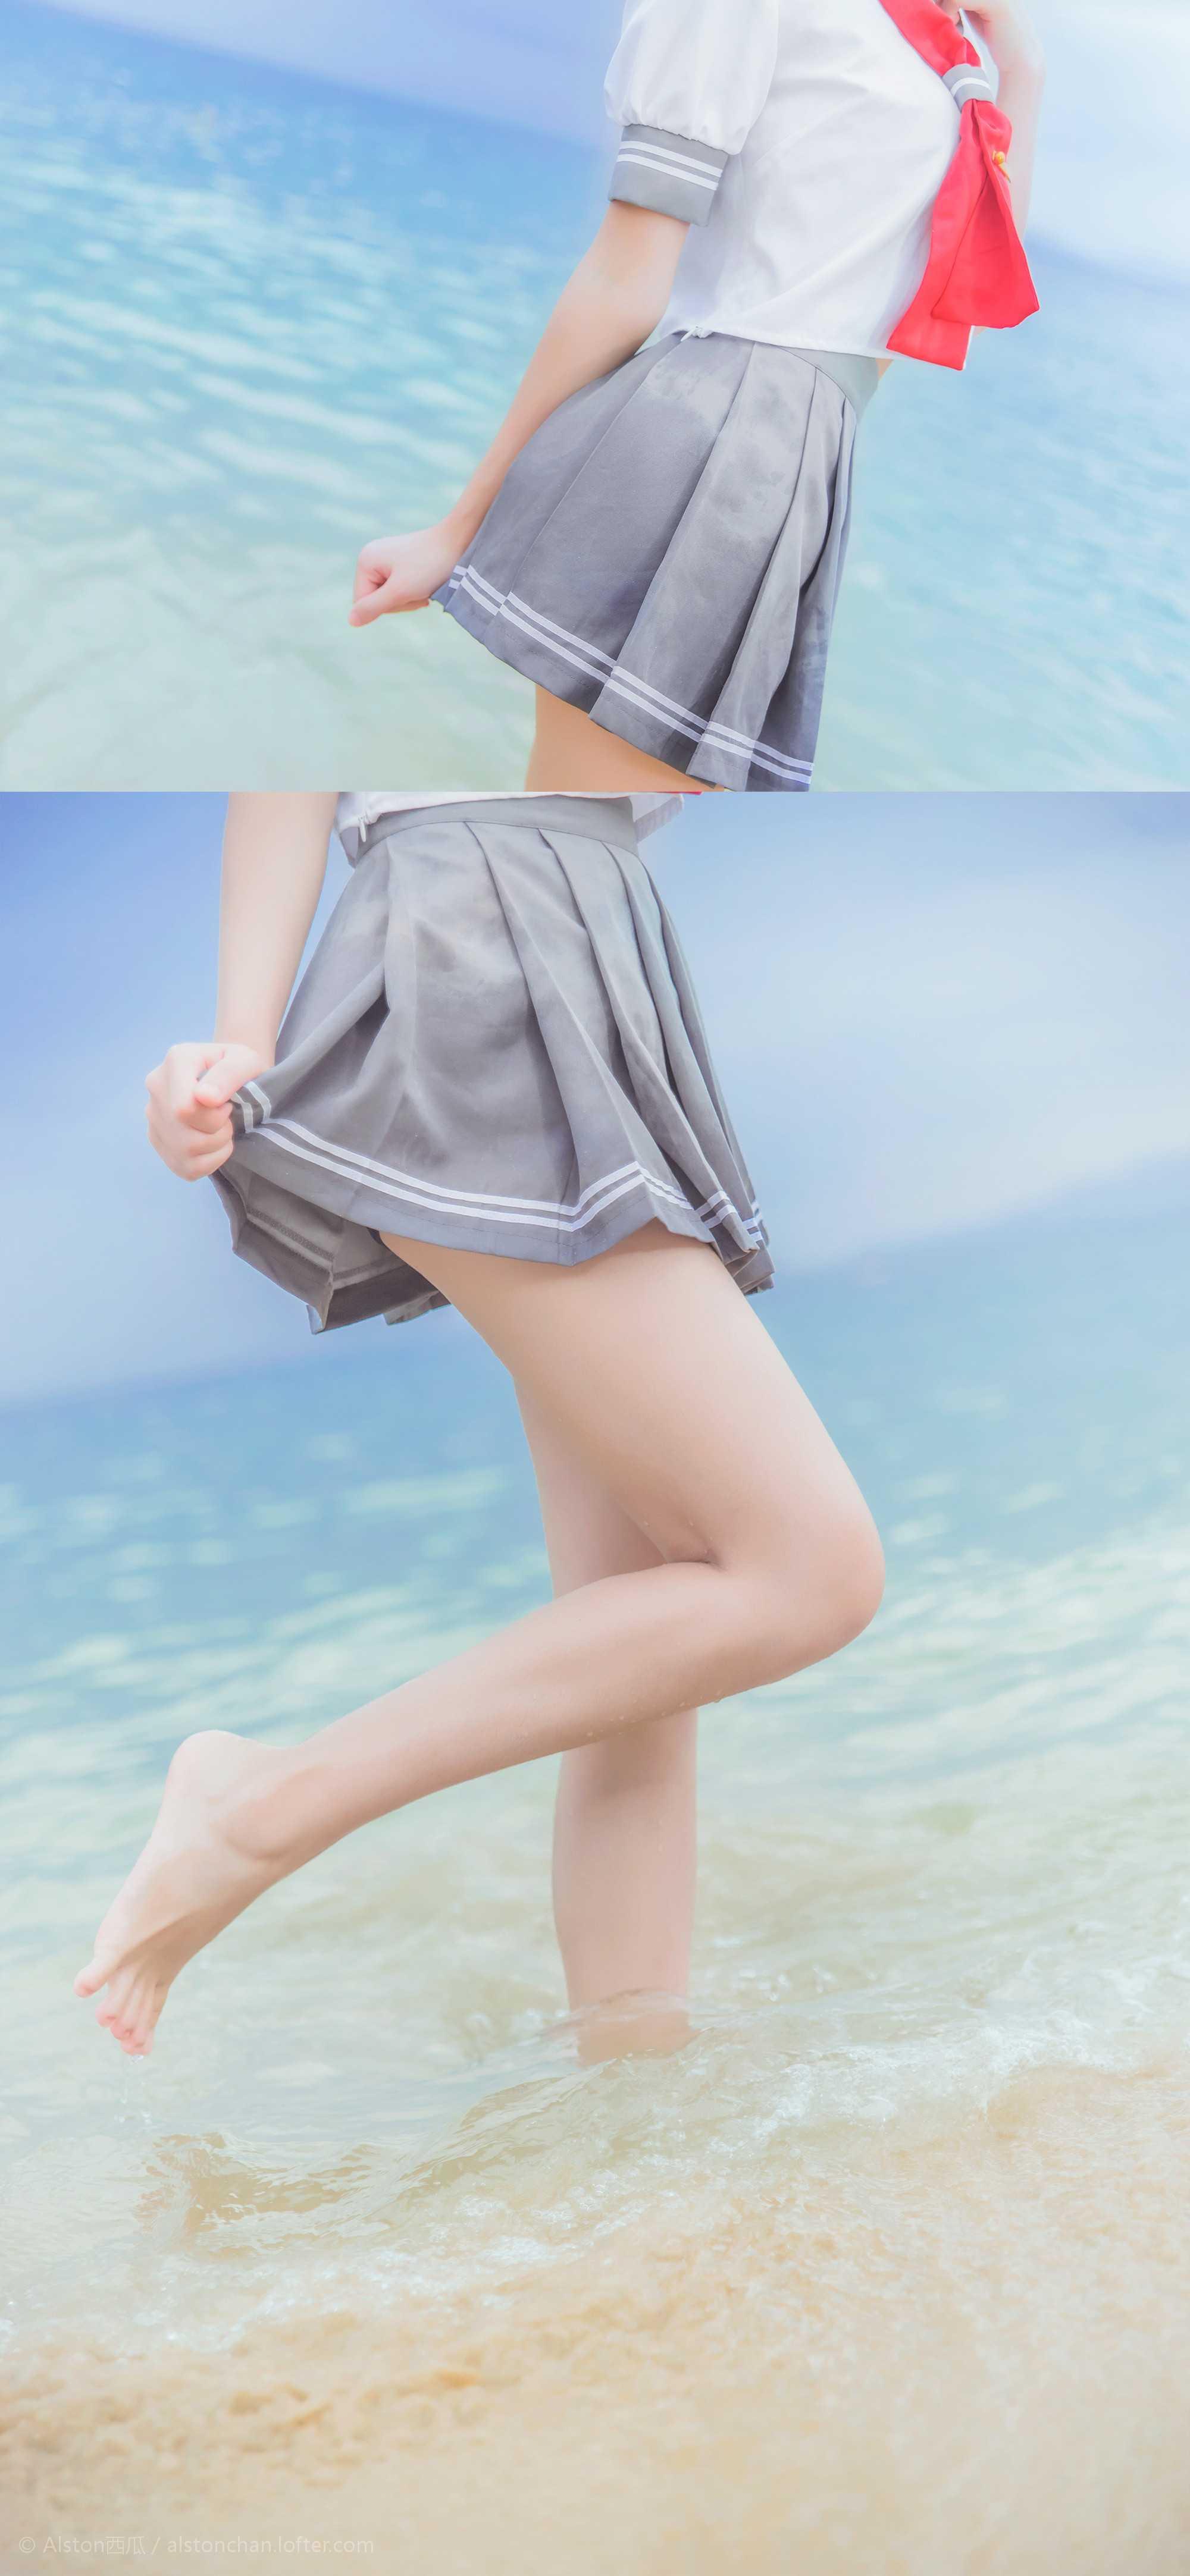 免费⭐微博红人⭐桜桃喵@写真cos-Sunshine(桜桃喵 )插图4